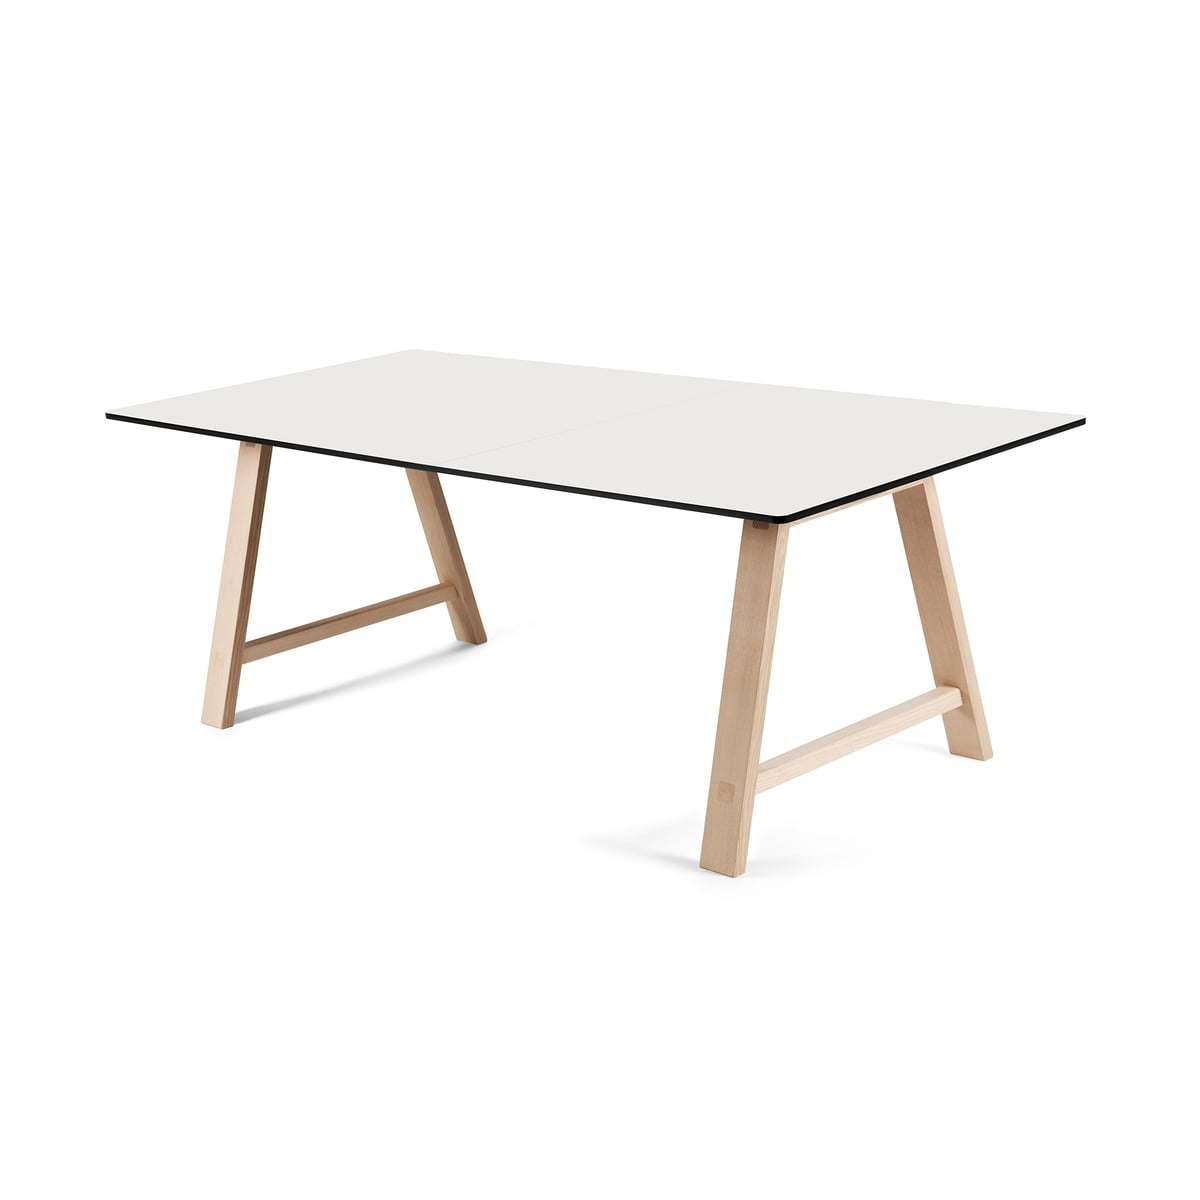 T1 extending table 160 cm andersen furniture for Design tischplatten